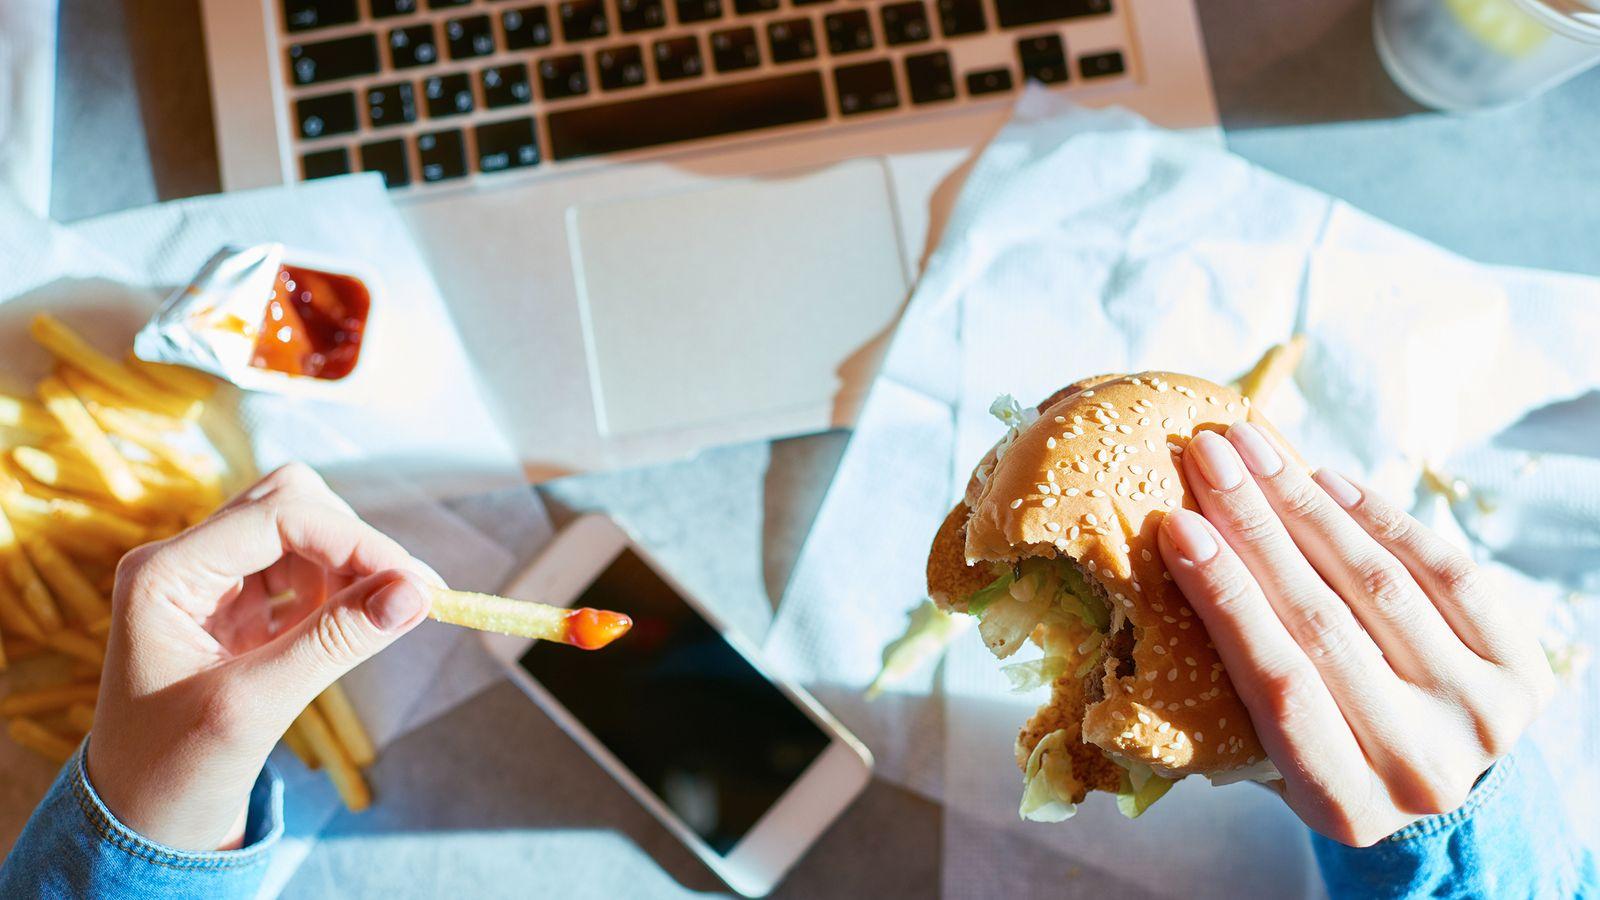 เครียดแล้วกิน ปัญหาโลกแตกของใครหลายคน ทำอย่างไรจึงจะหยุดมันได้